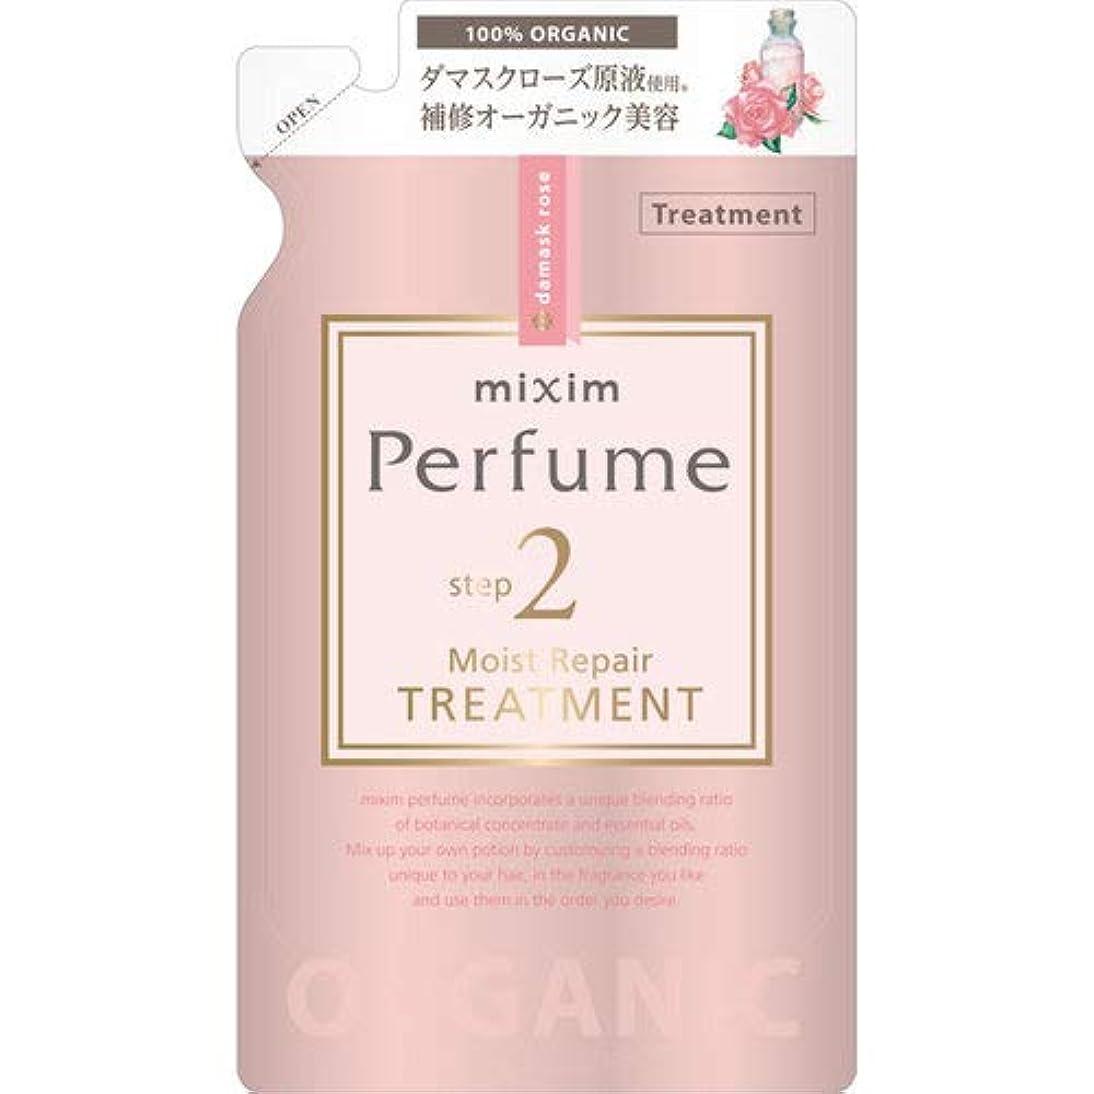 高齢者レインコートテメリティmixim Perfume(ミクシムパフューム) モイストリペア ヘアトリートメントつめかえ用 350g